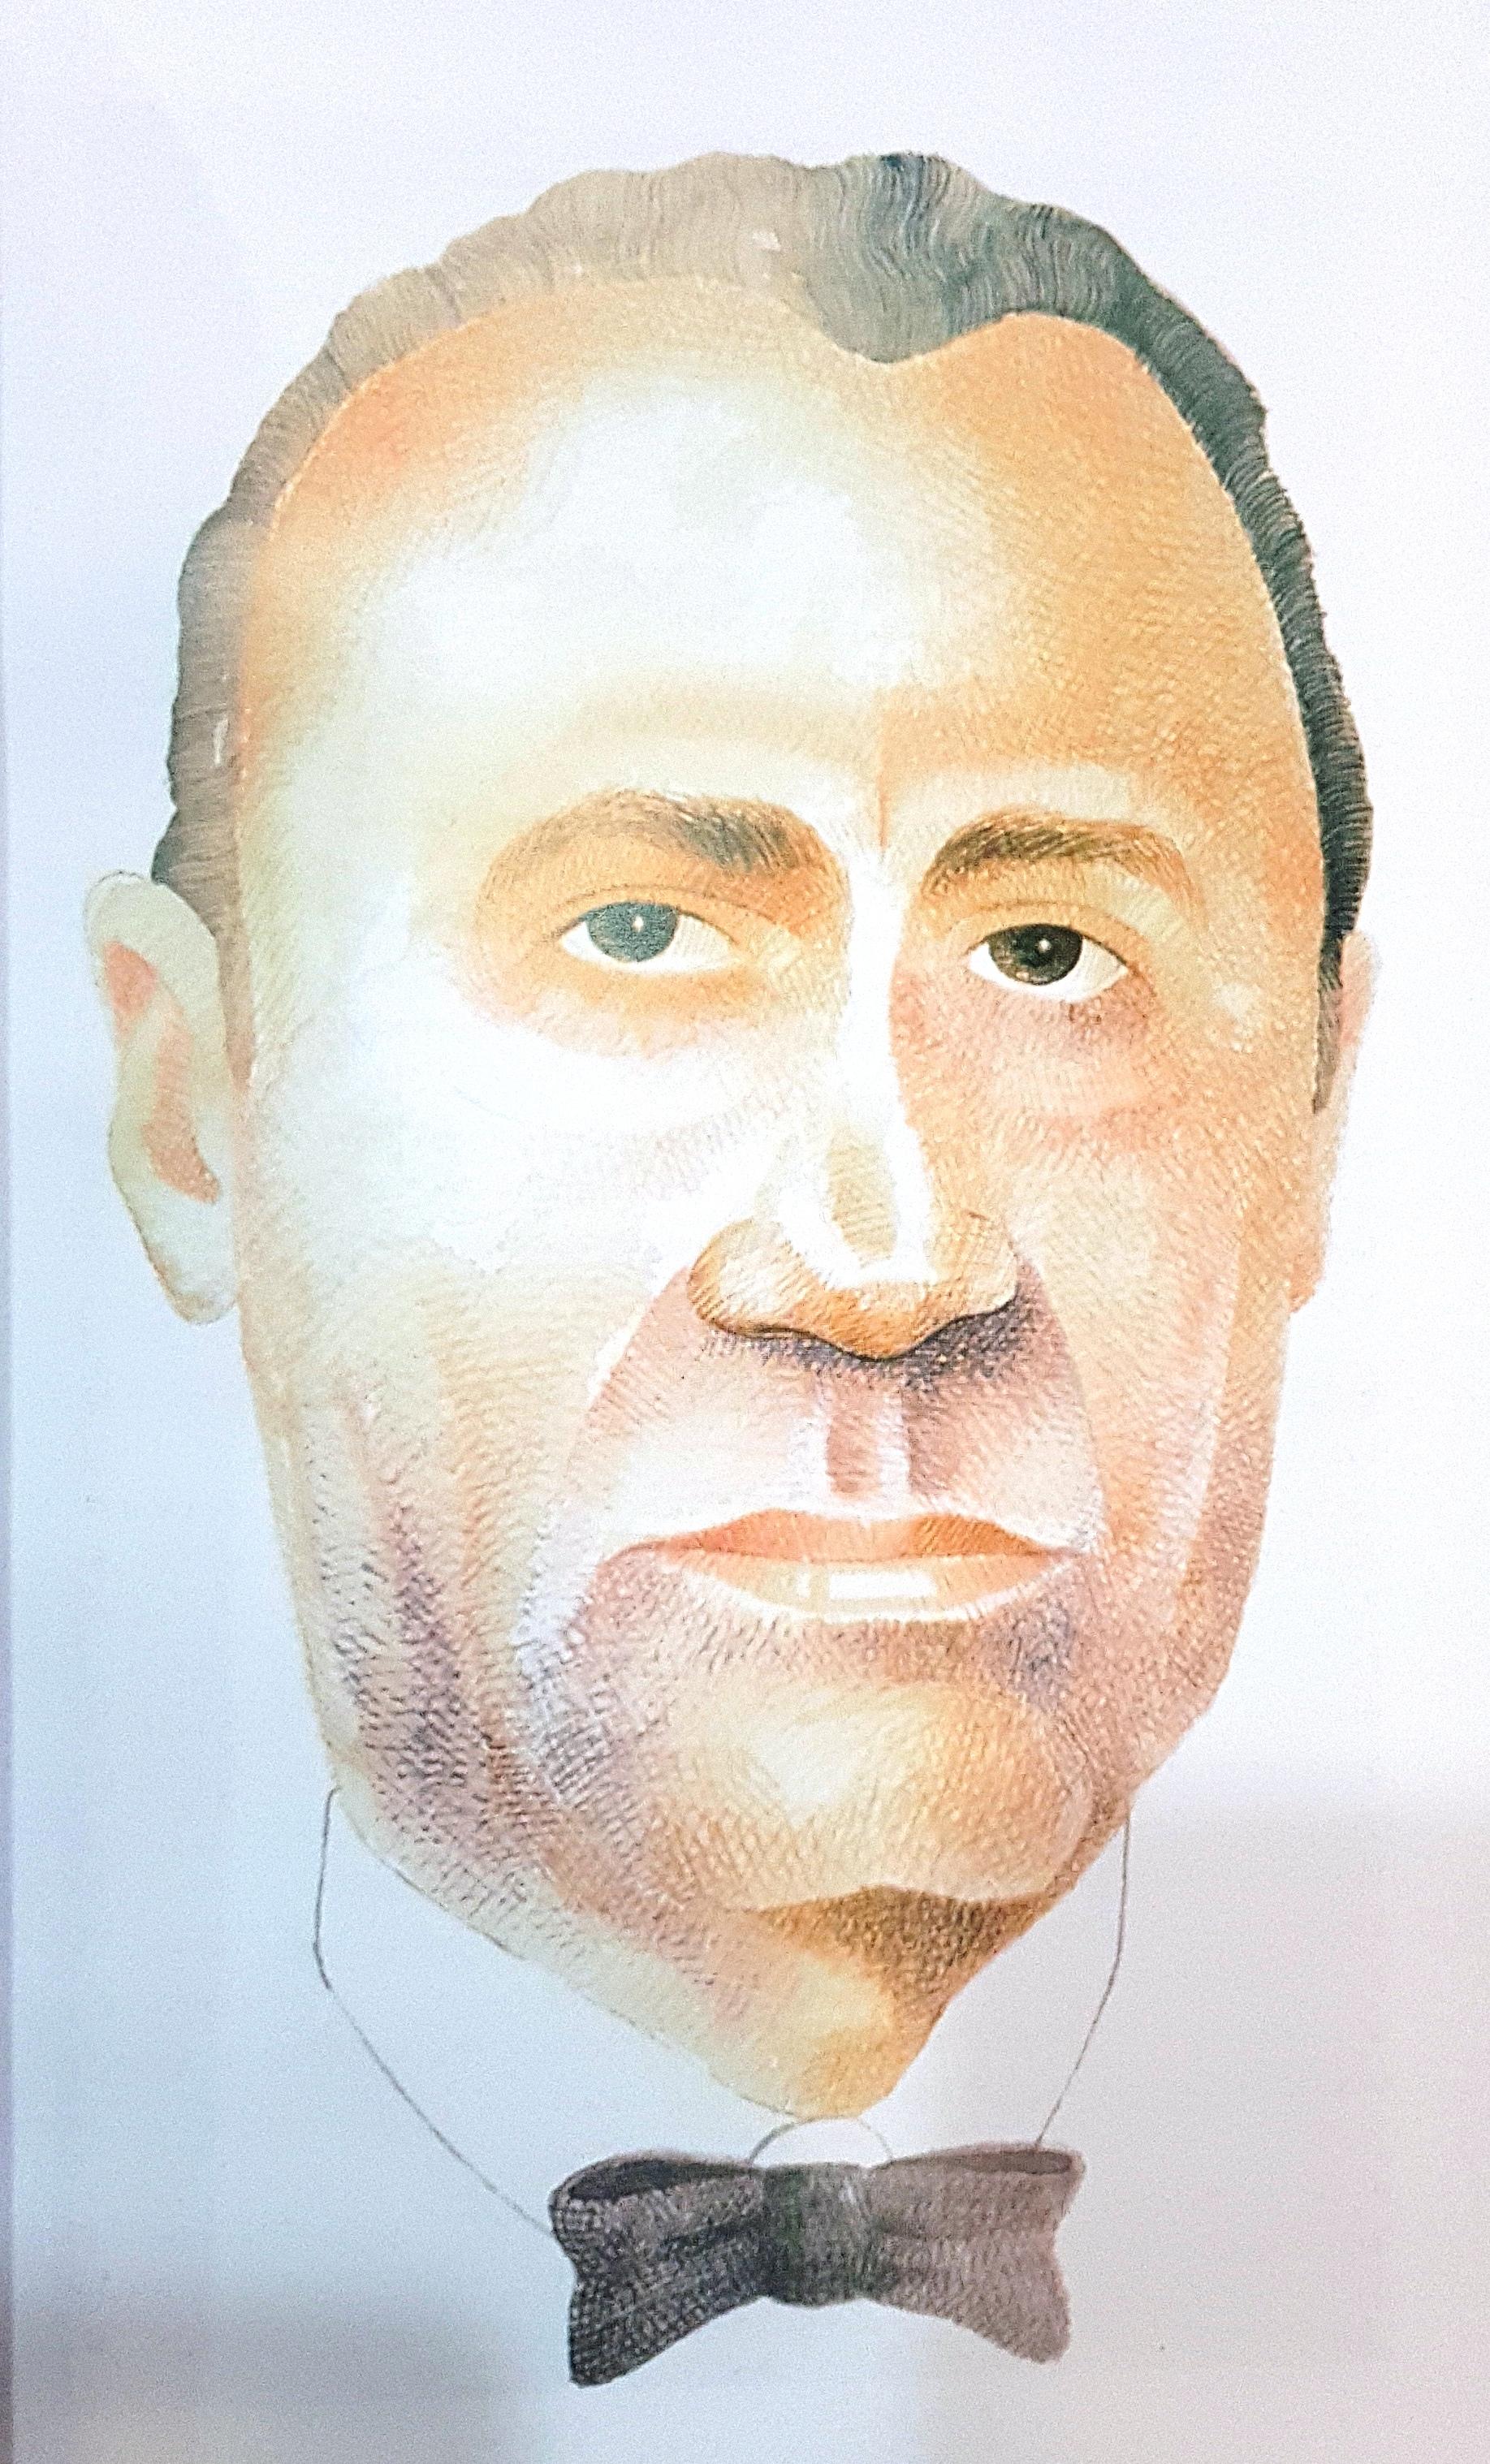 DR. IGNACIO VADO LUGO